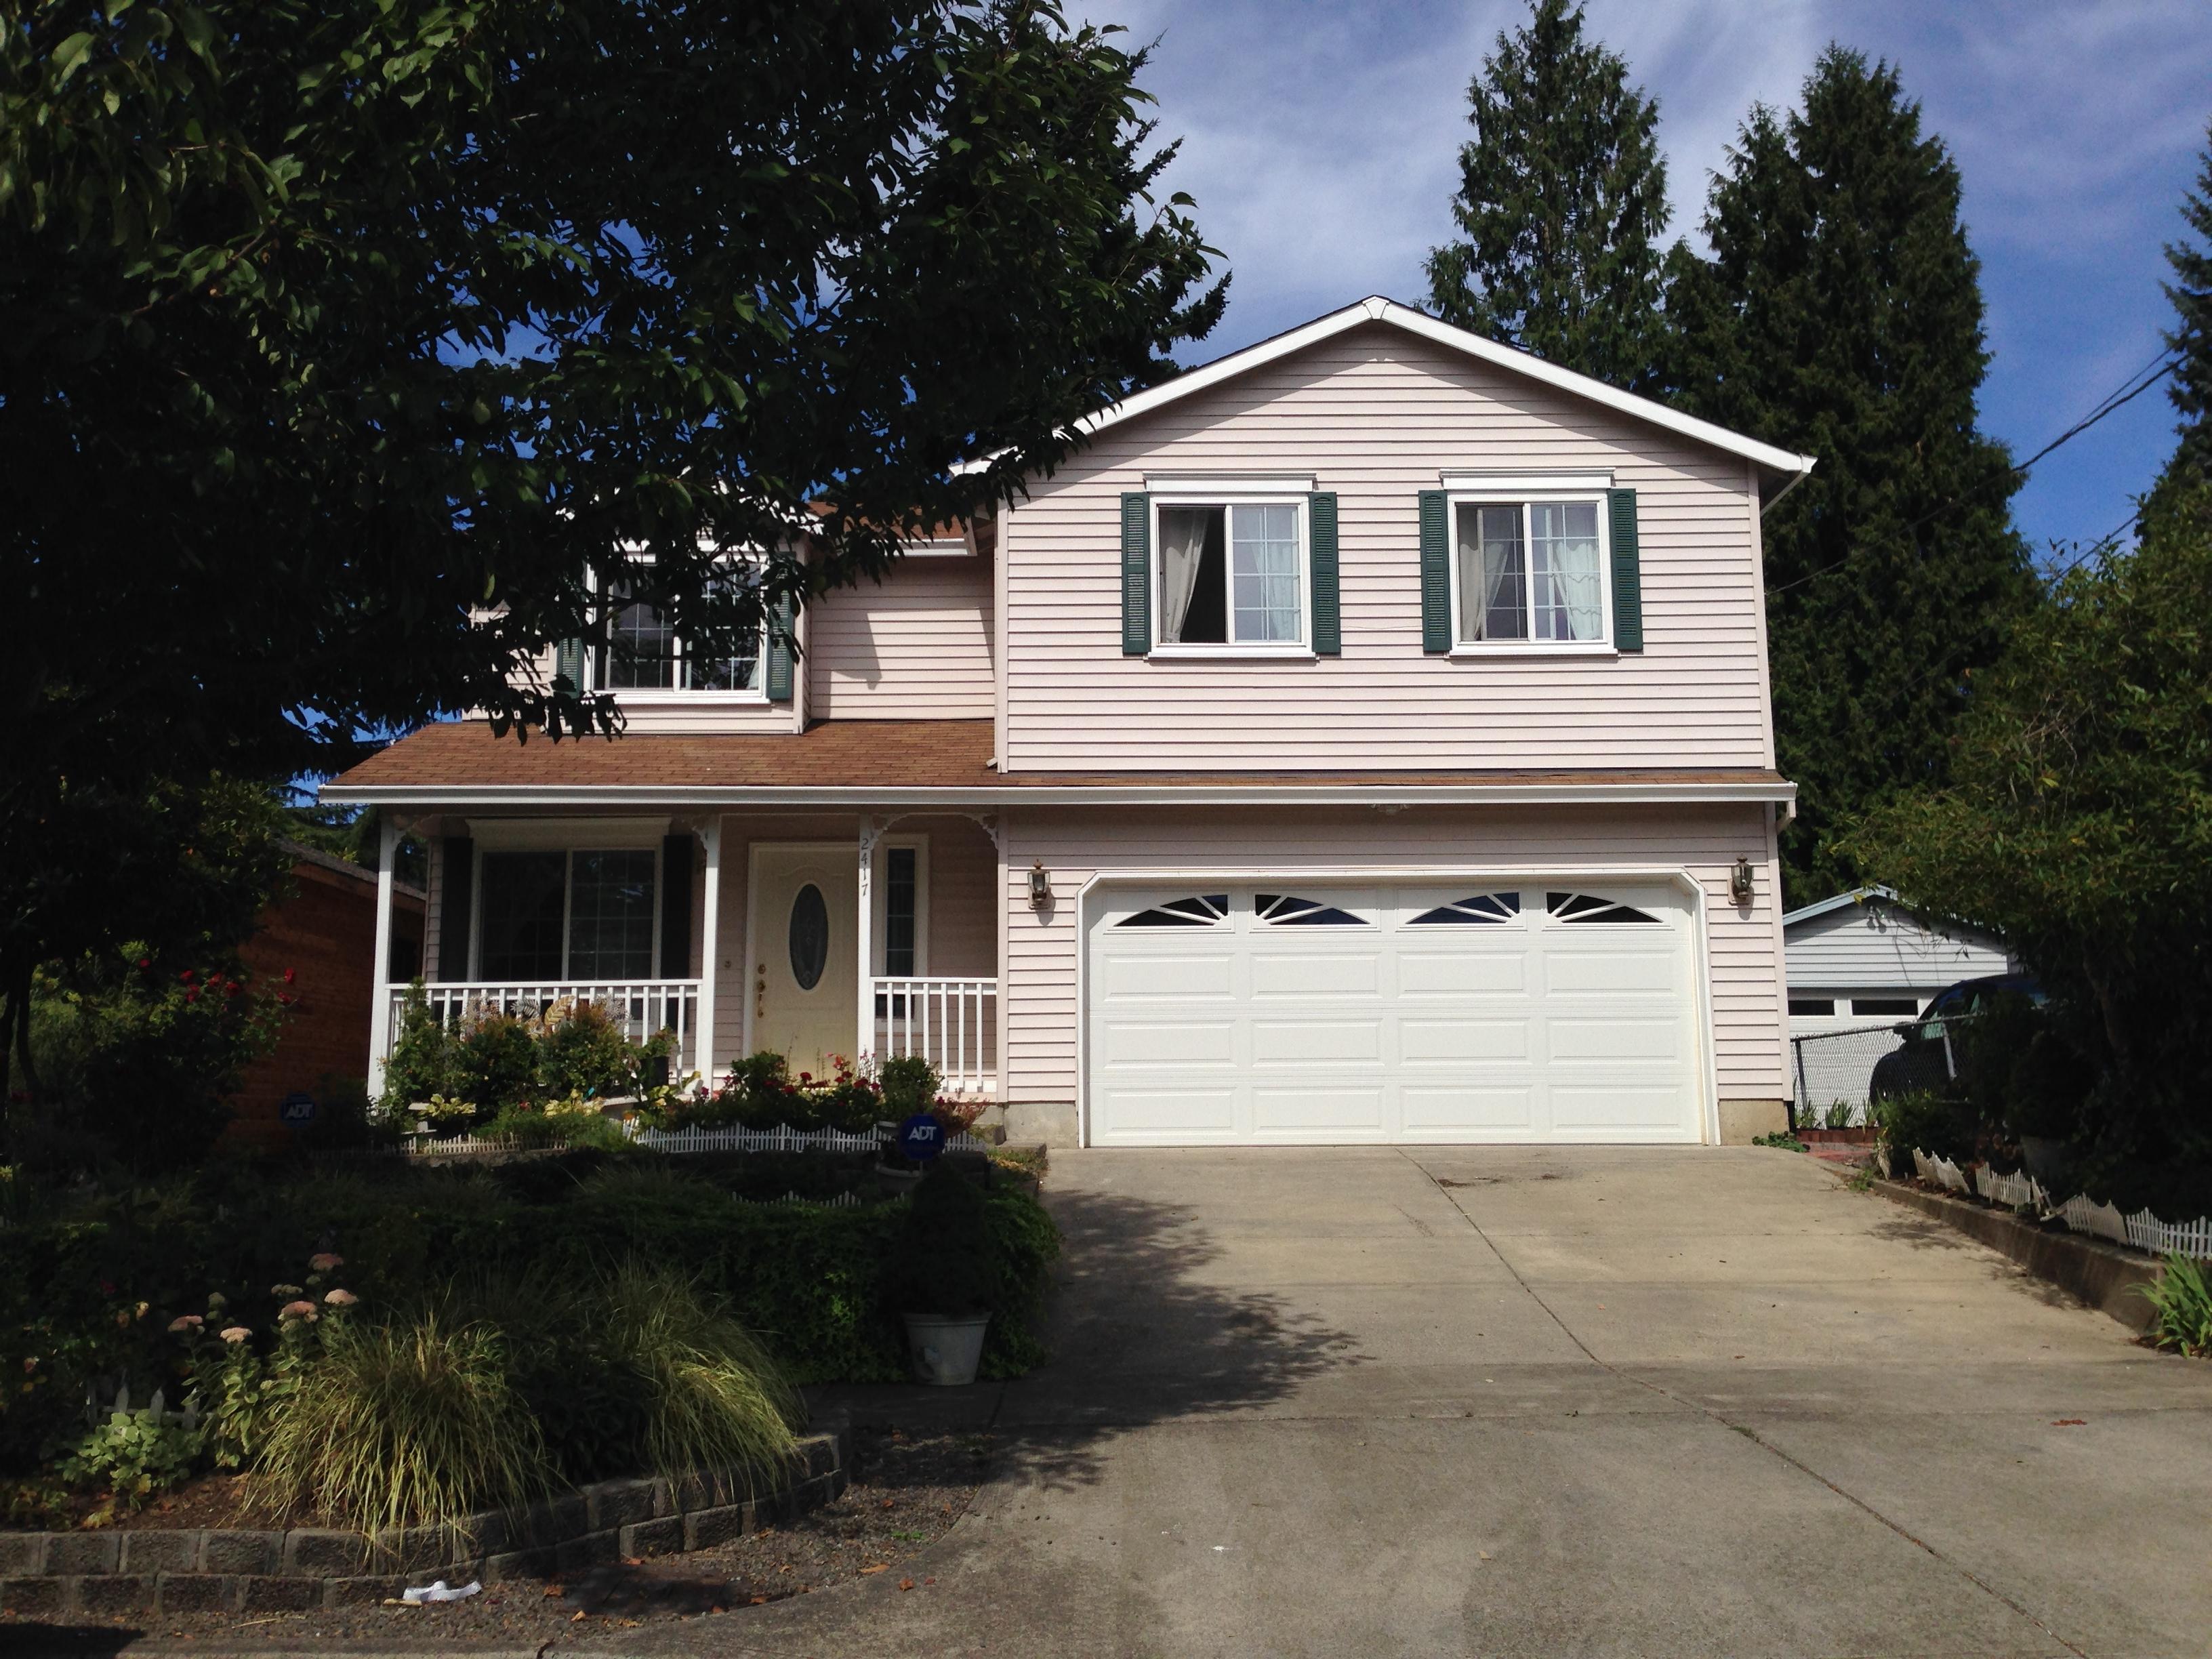 SOLD 2417 N Humboldt St, Portland, OR